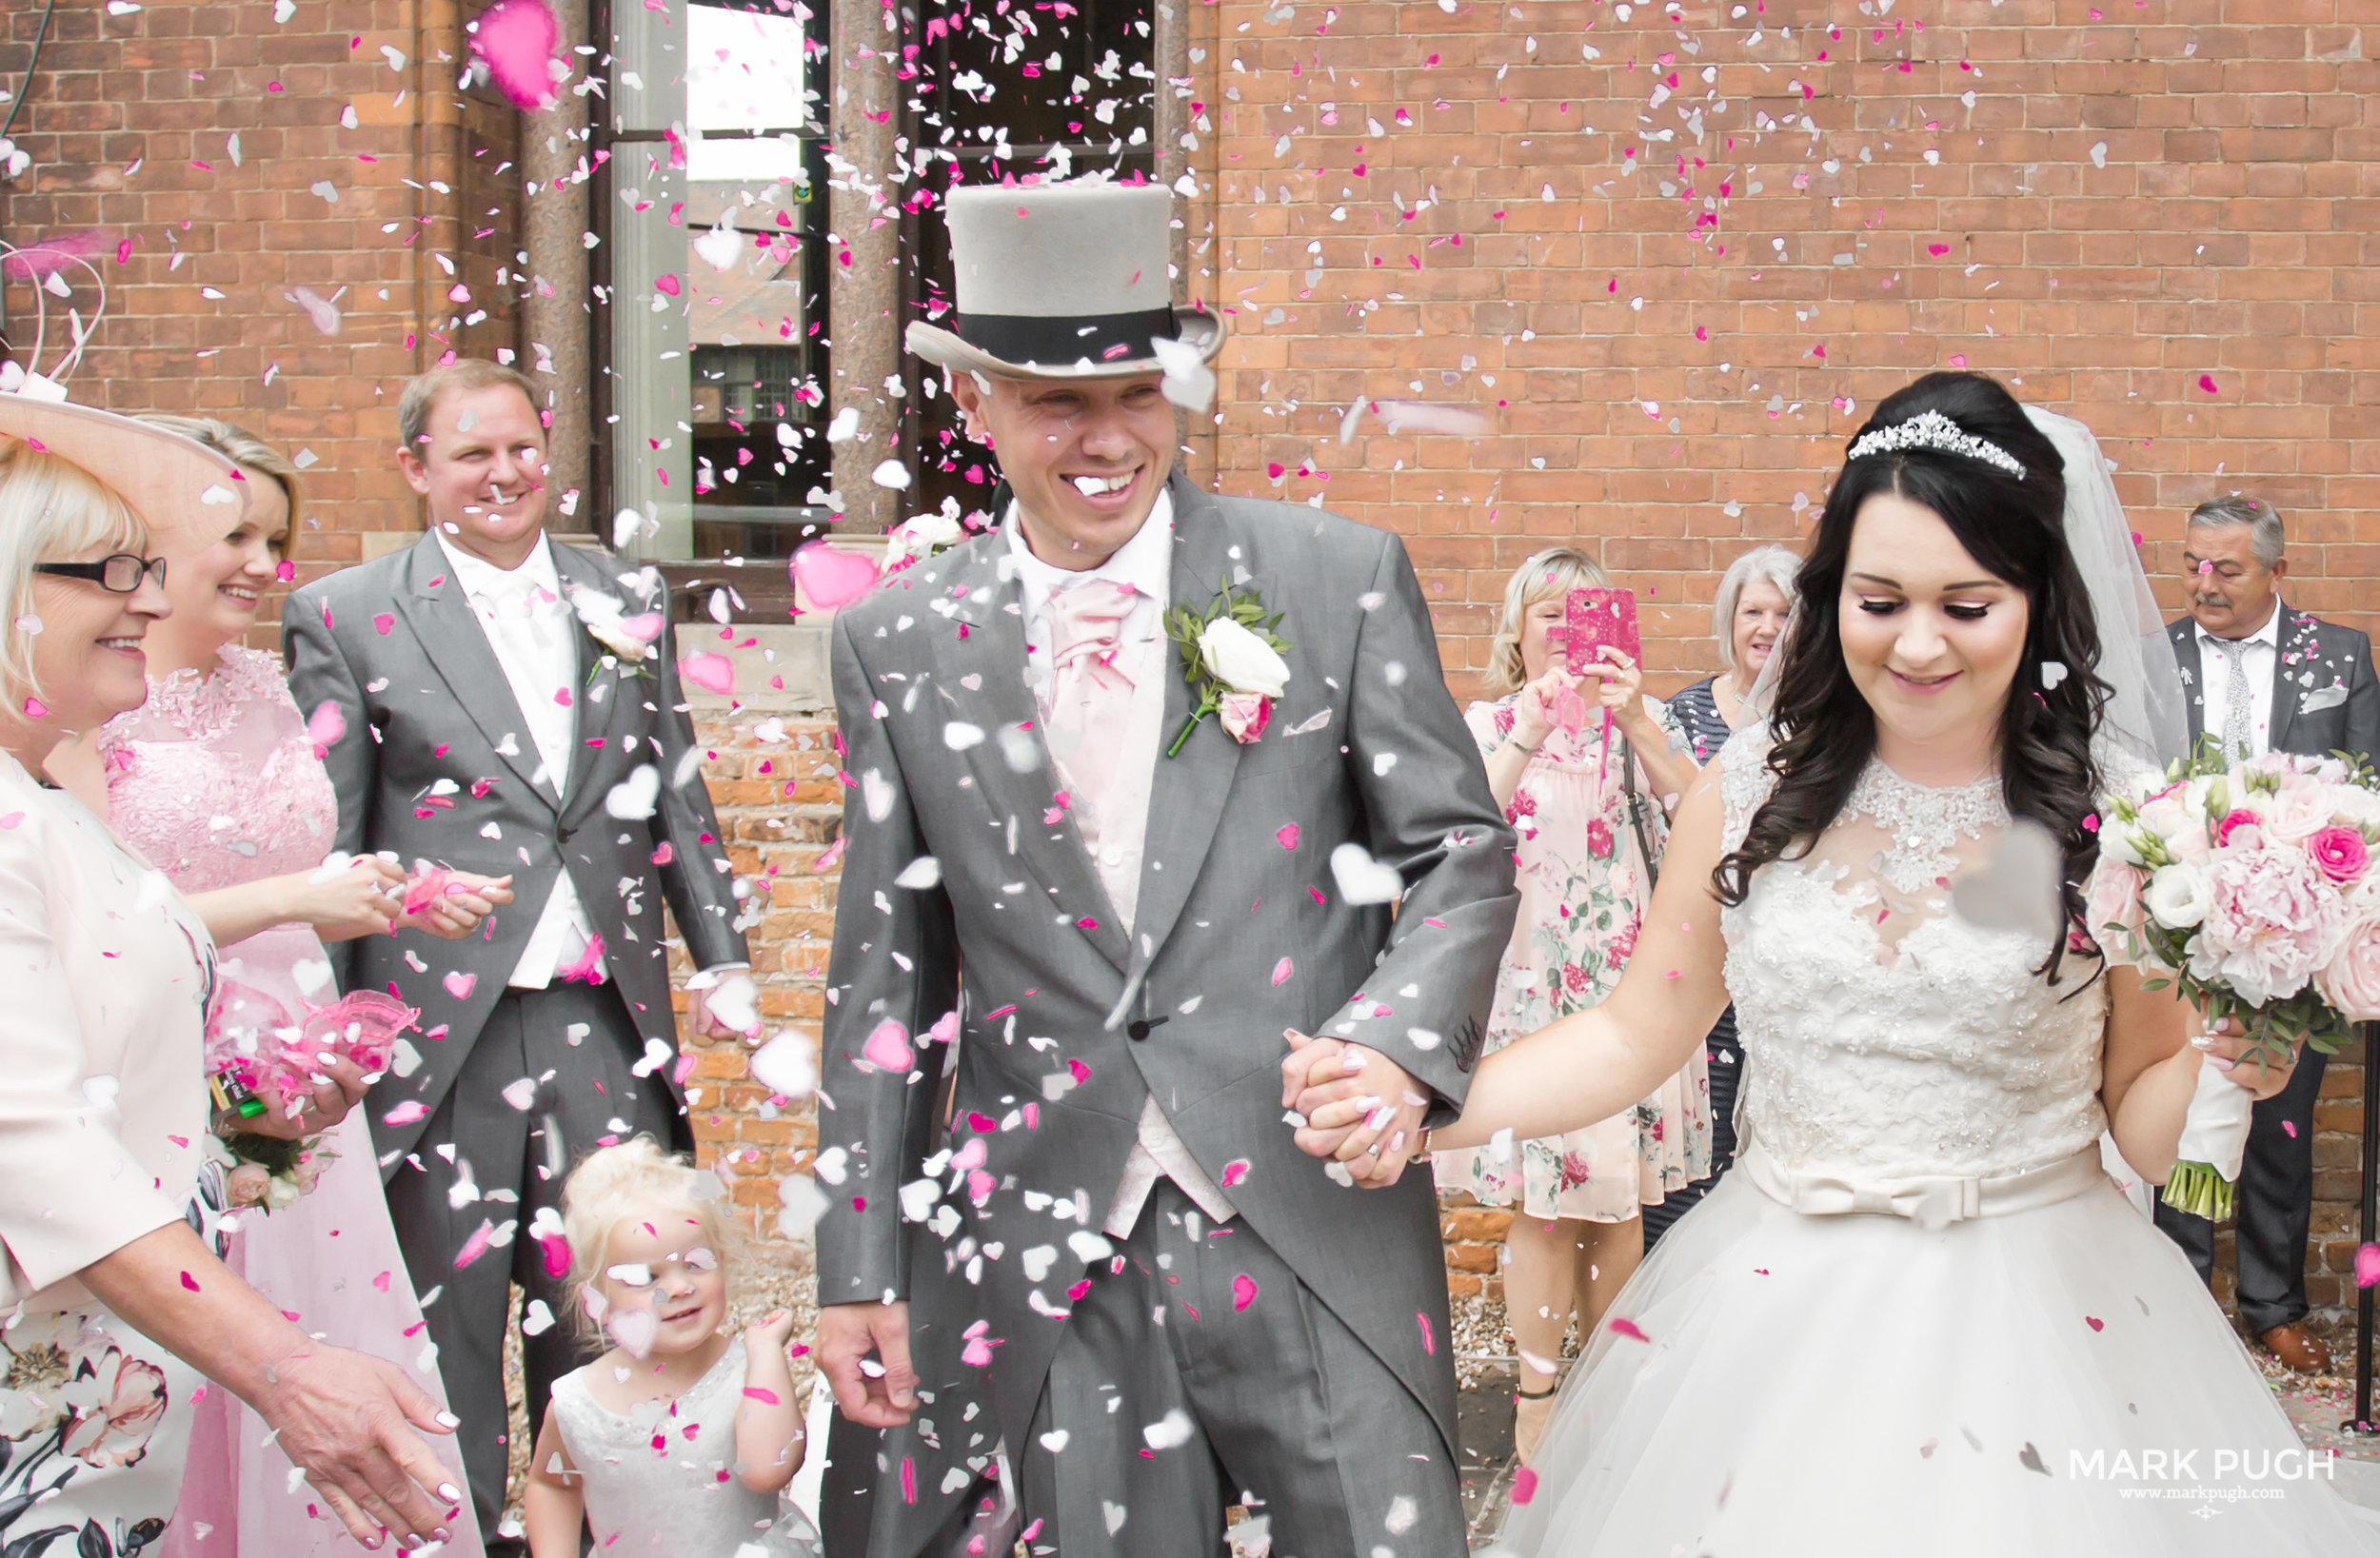 232 - fineART photography by www.markpugh.com Mark Pugh of www.mpmedia.co.uk_.JPG